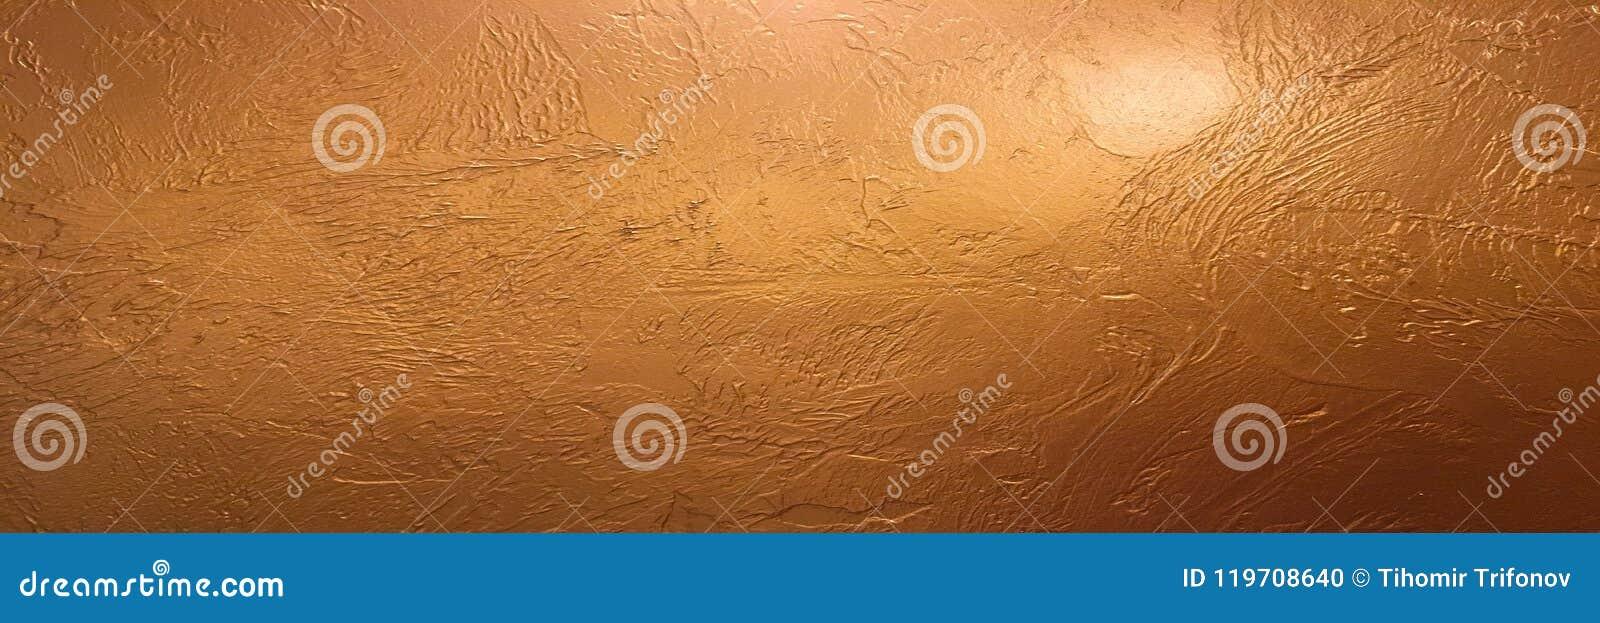 金背景或纹理和梯度阴影 发光的黄色叶子金箔纹理背景 金背景资料,纹理是